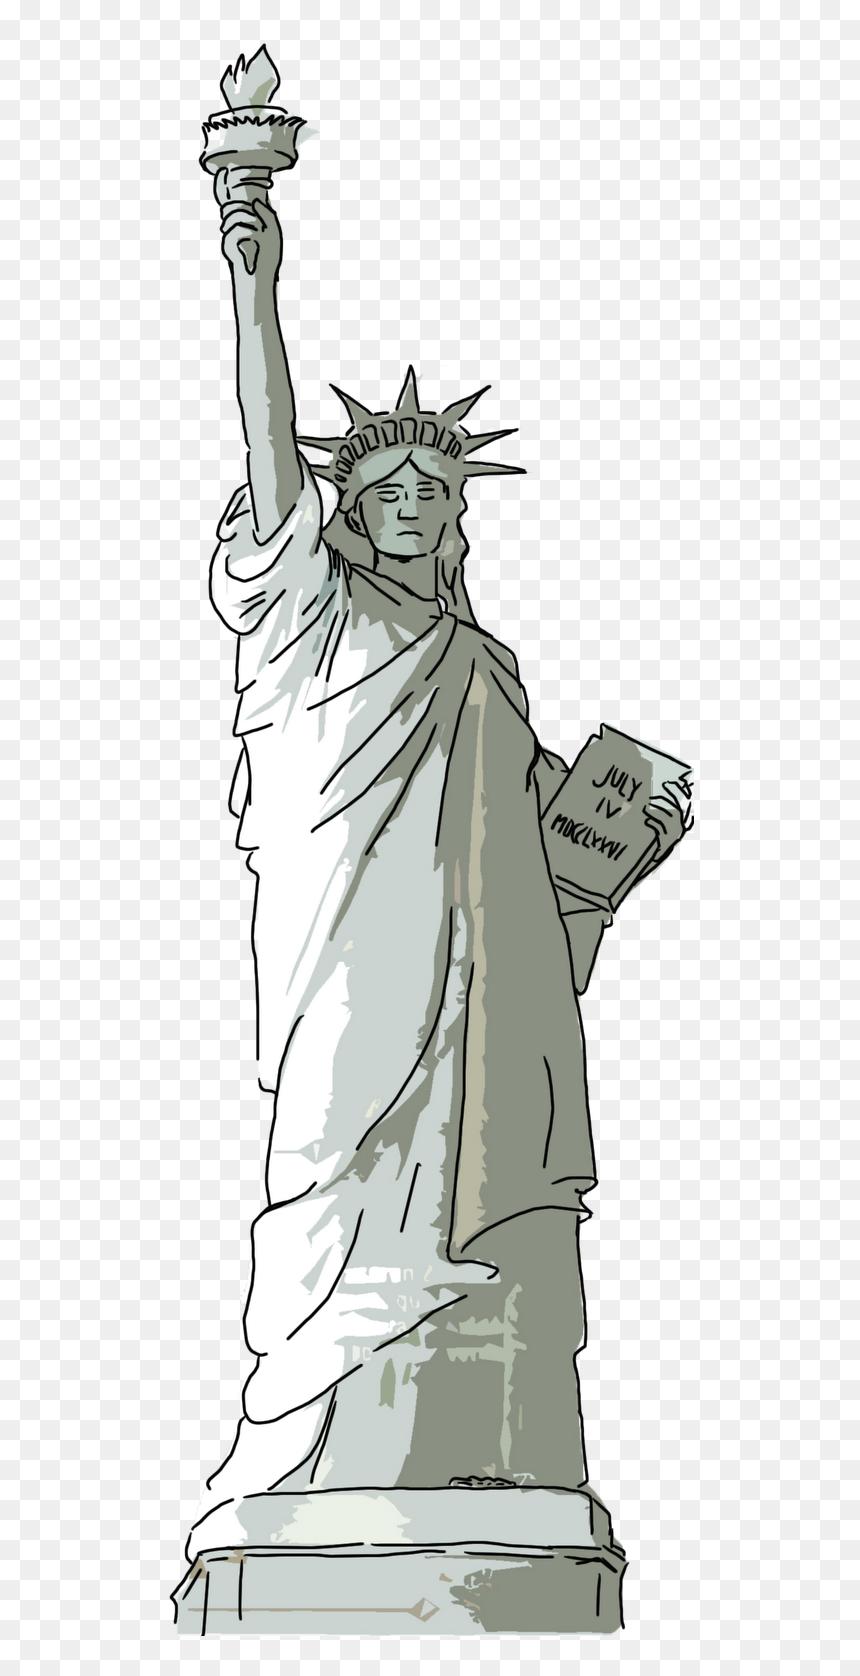 Señora De La Libertad Png, Transparent Png